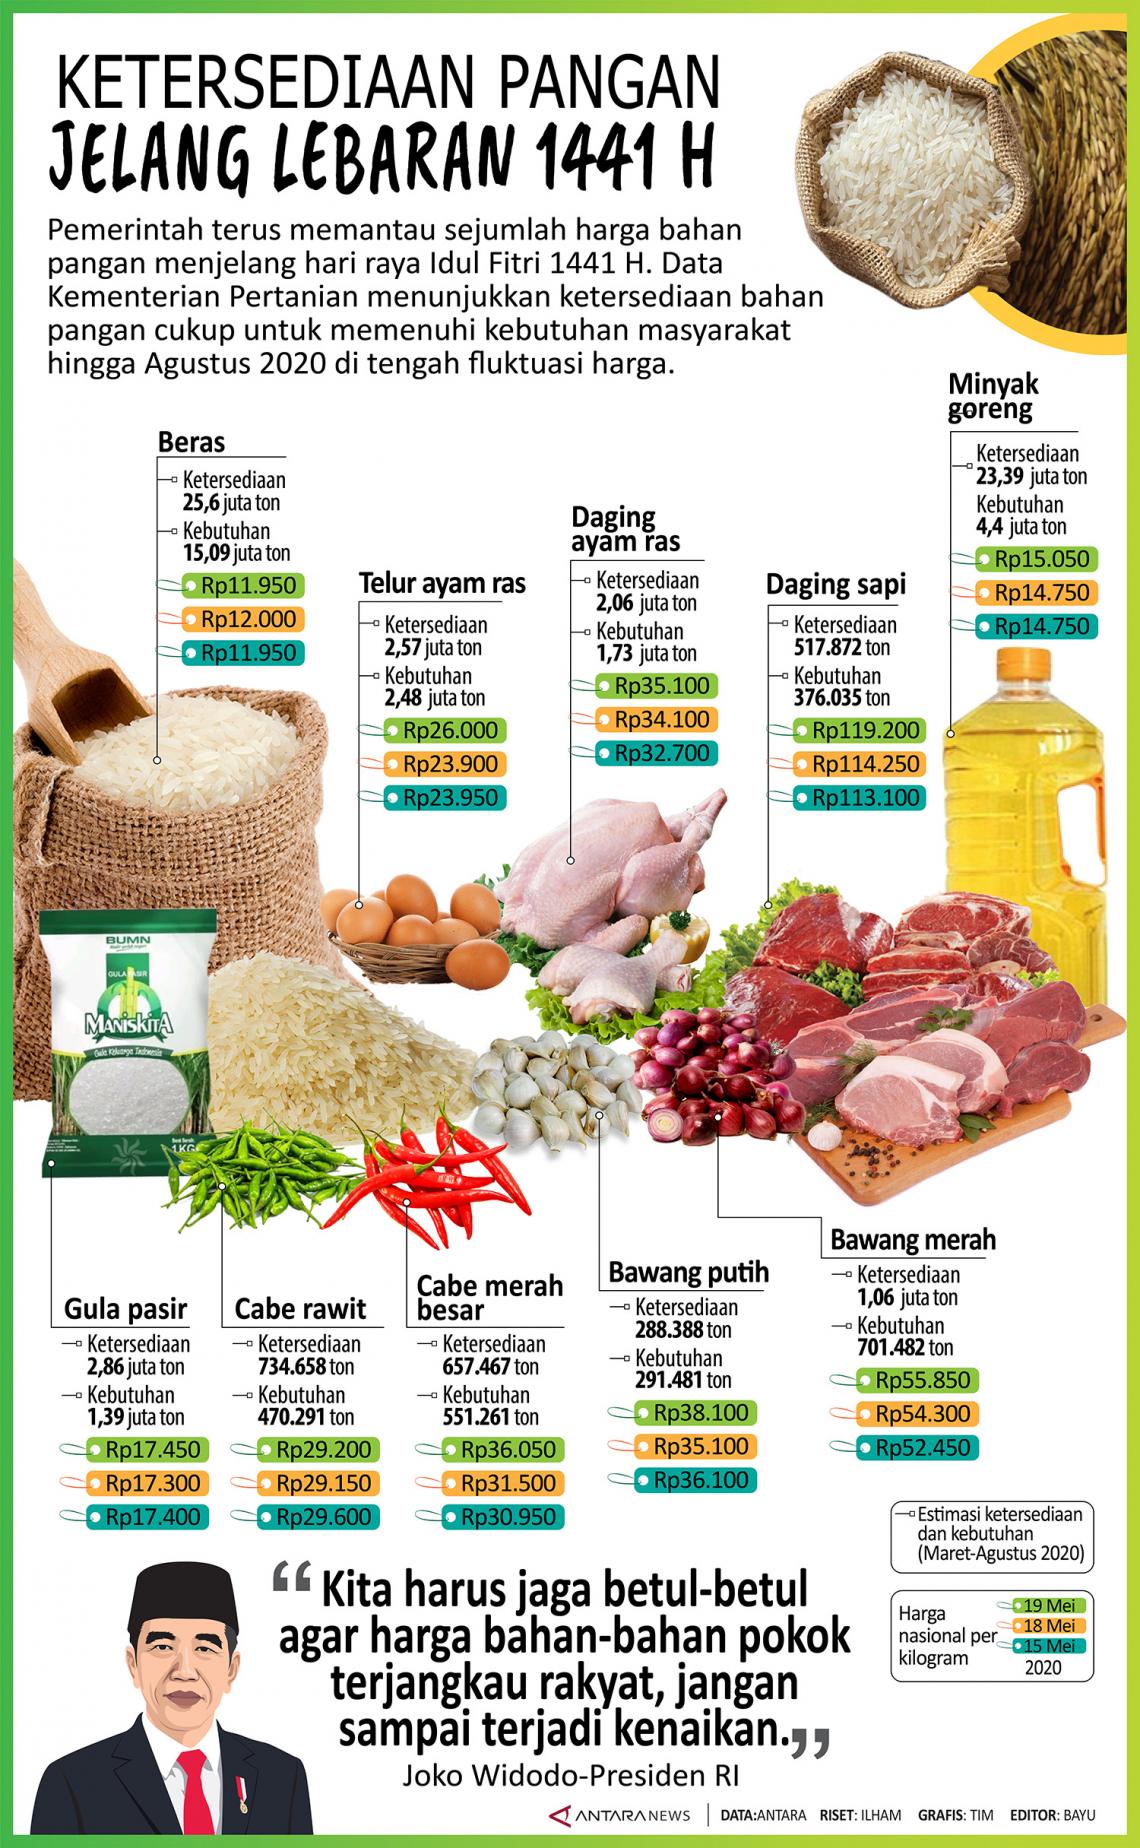 Ketersediaan pangan jelang Lebaran 1441 H